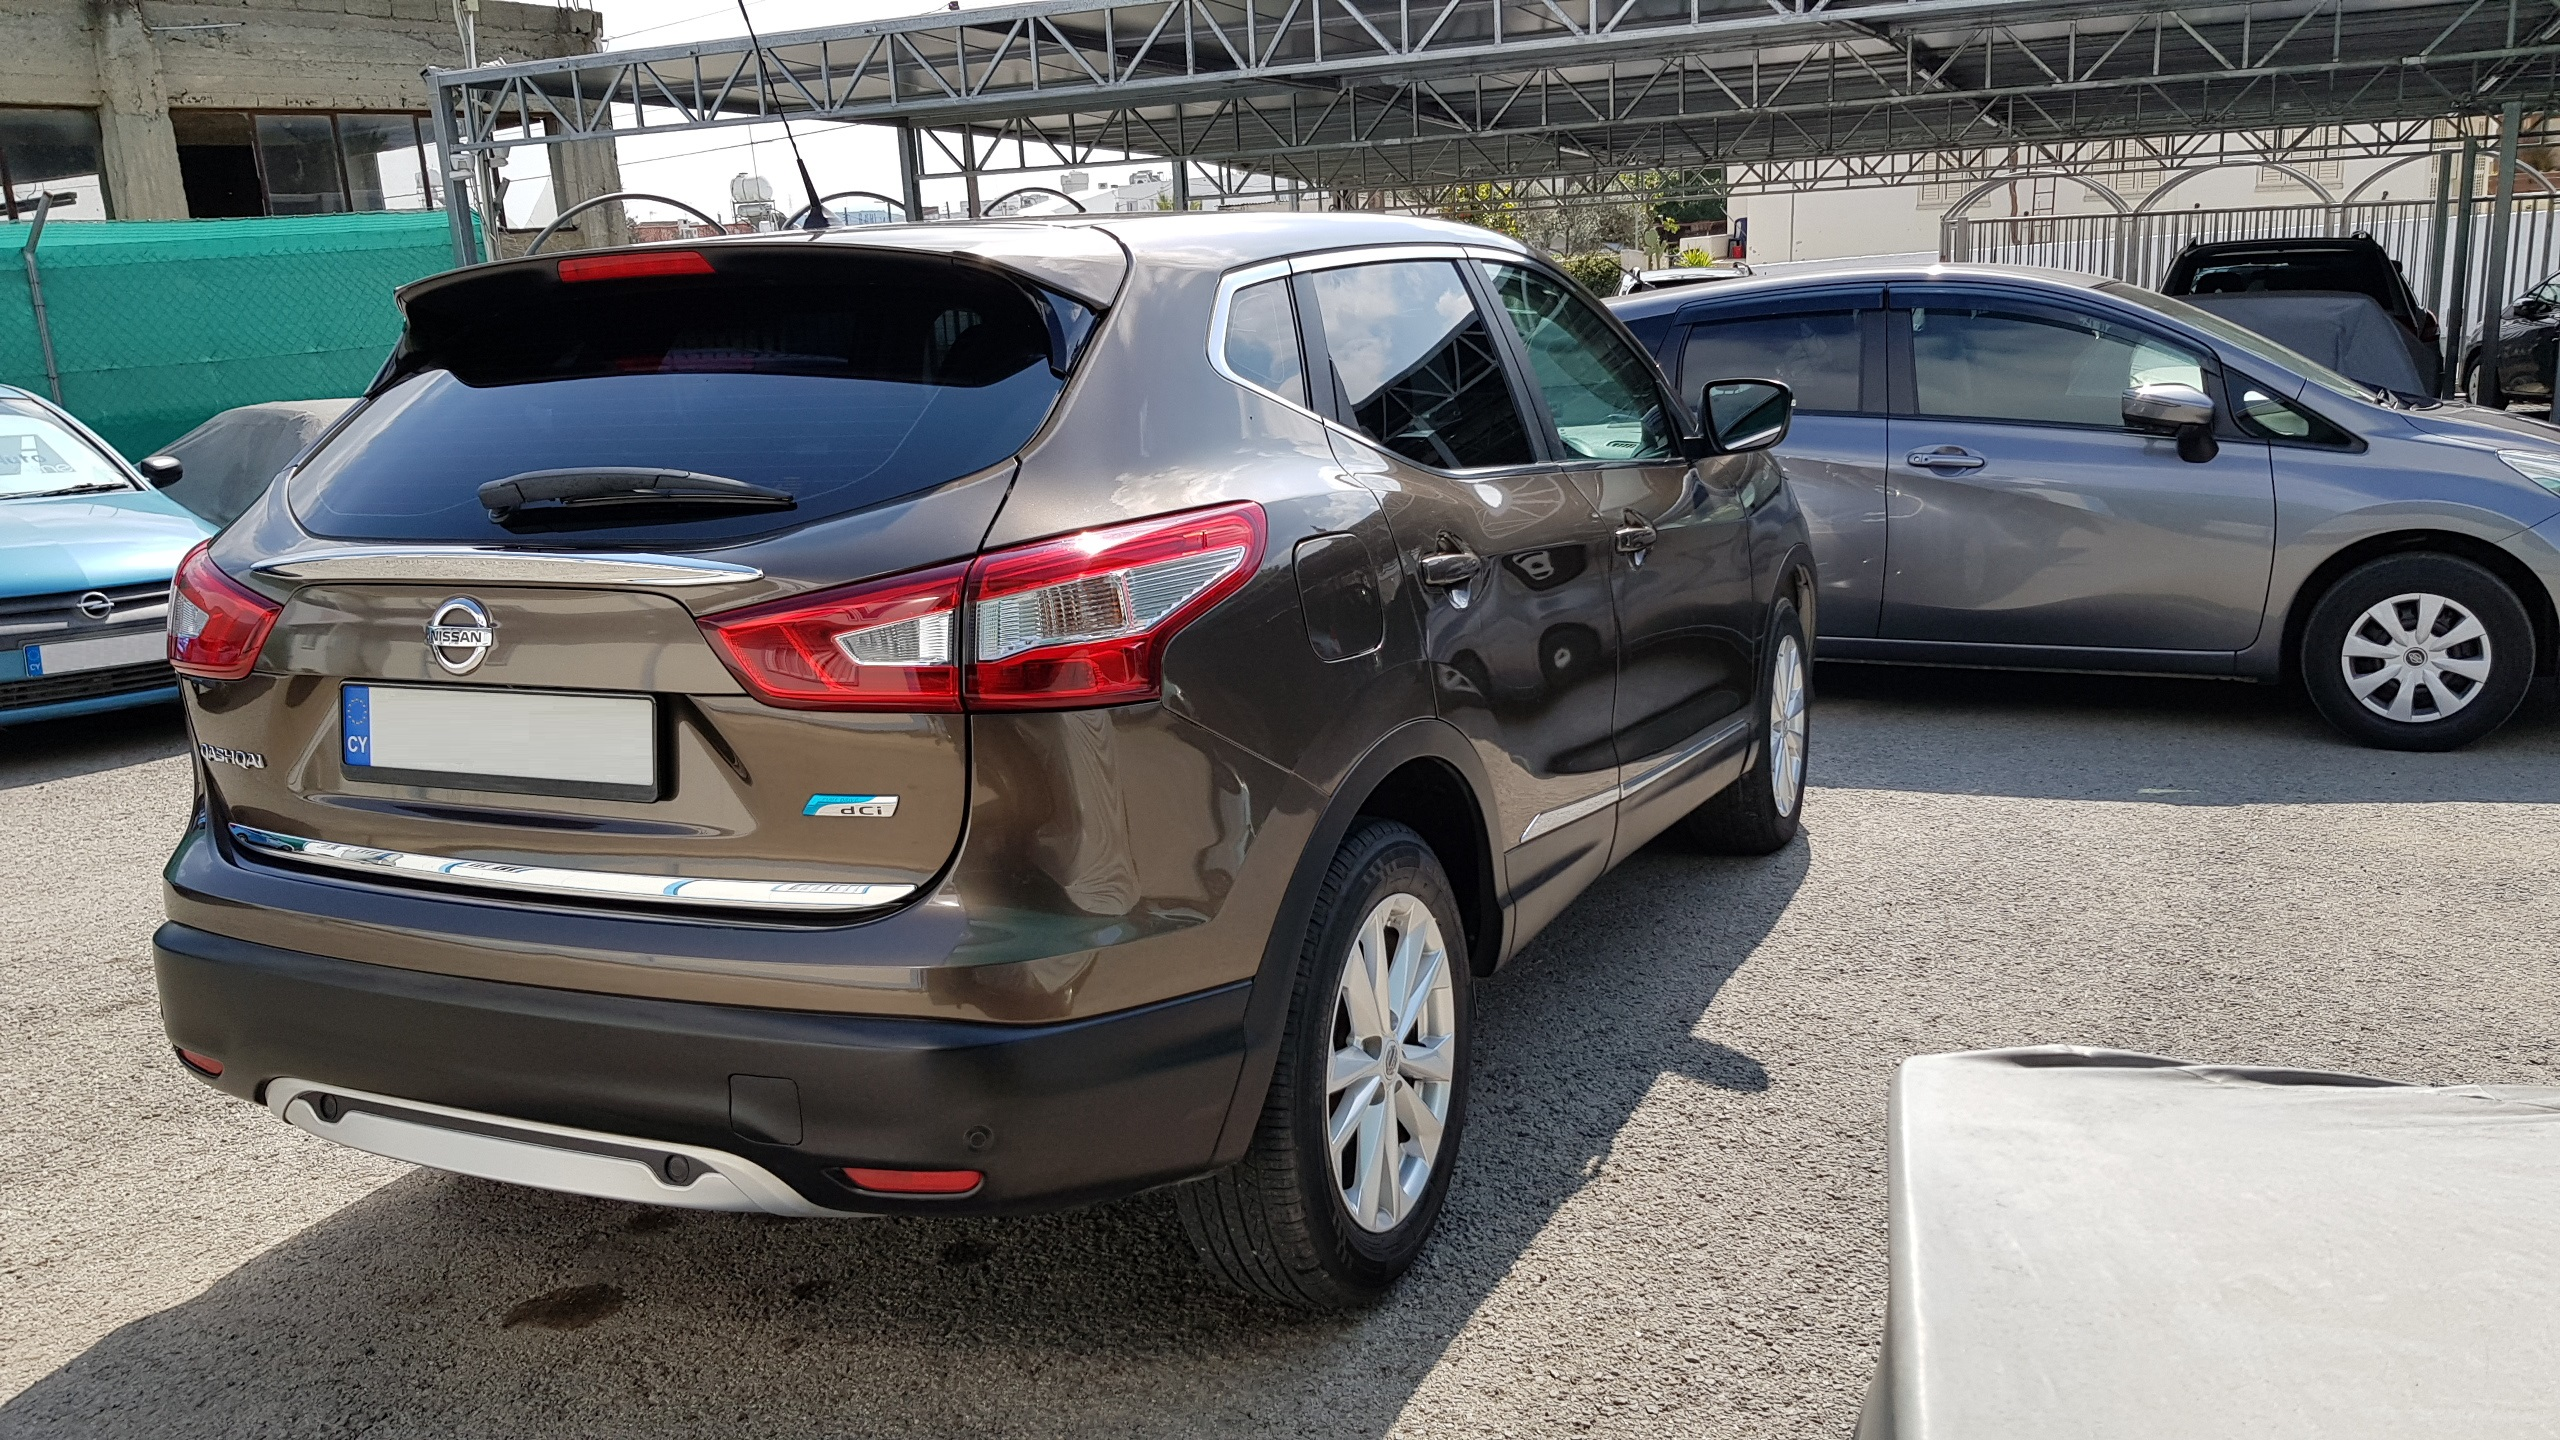 Nissan Qashqai Grey Metallic 06